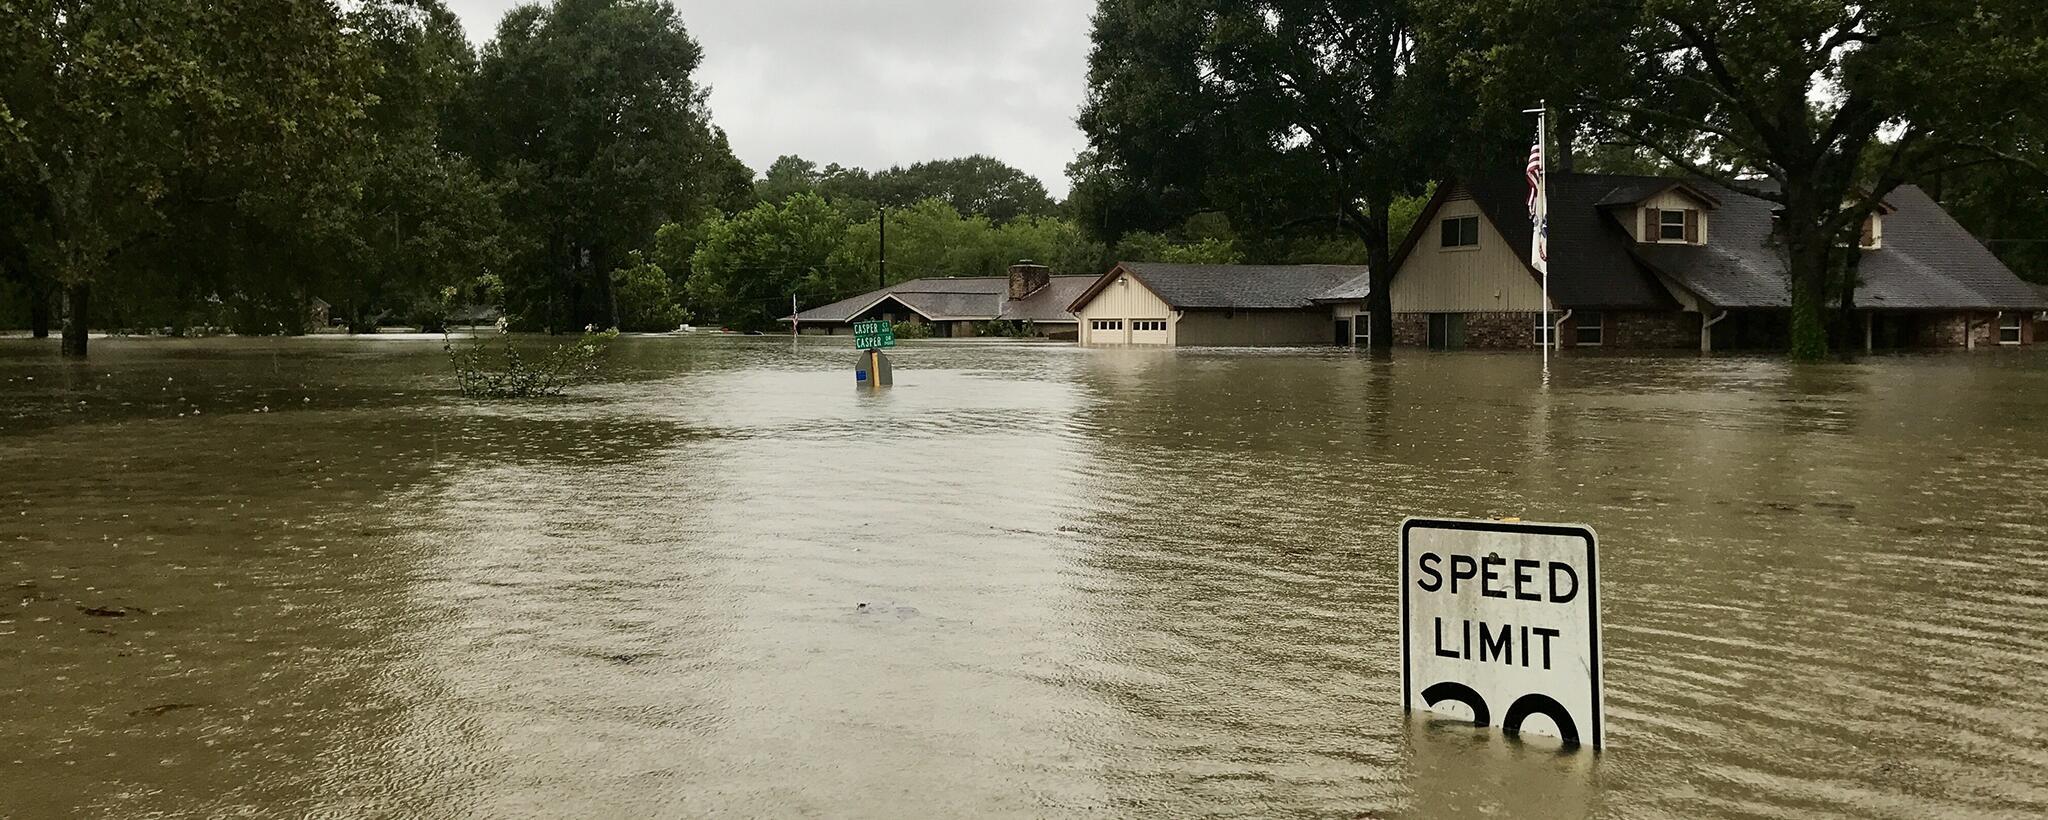 Inundaciones | Ready.gov